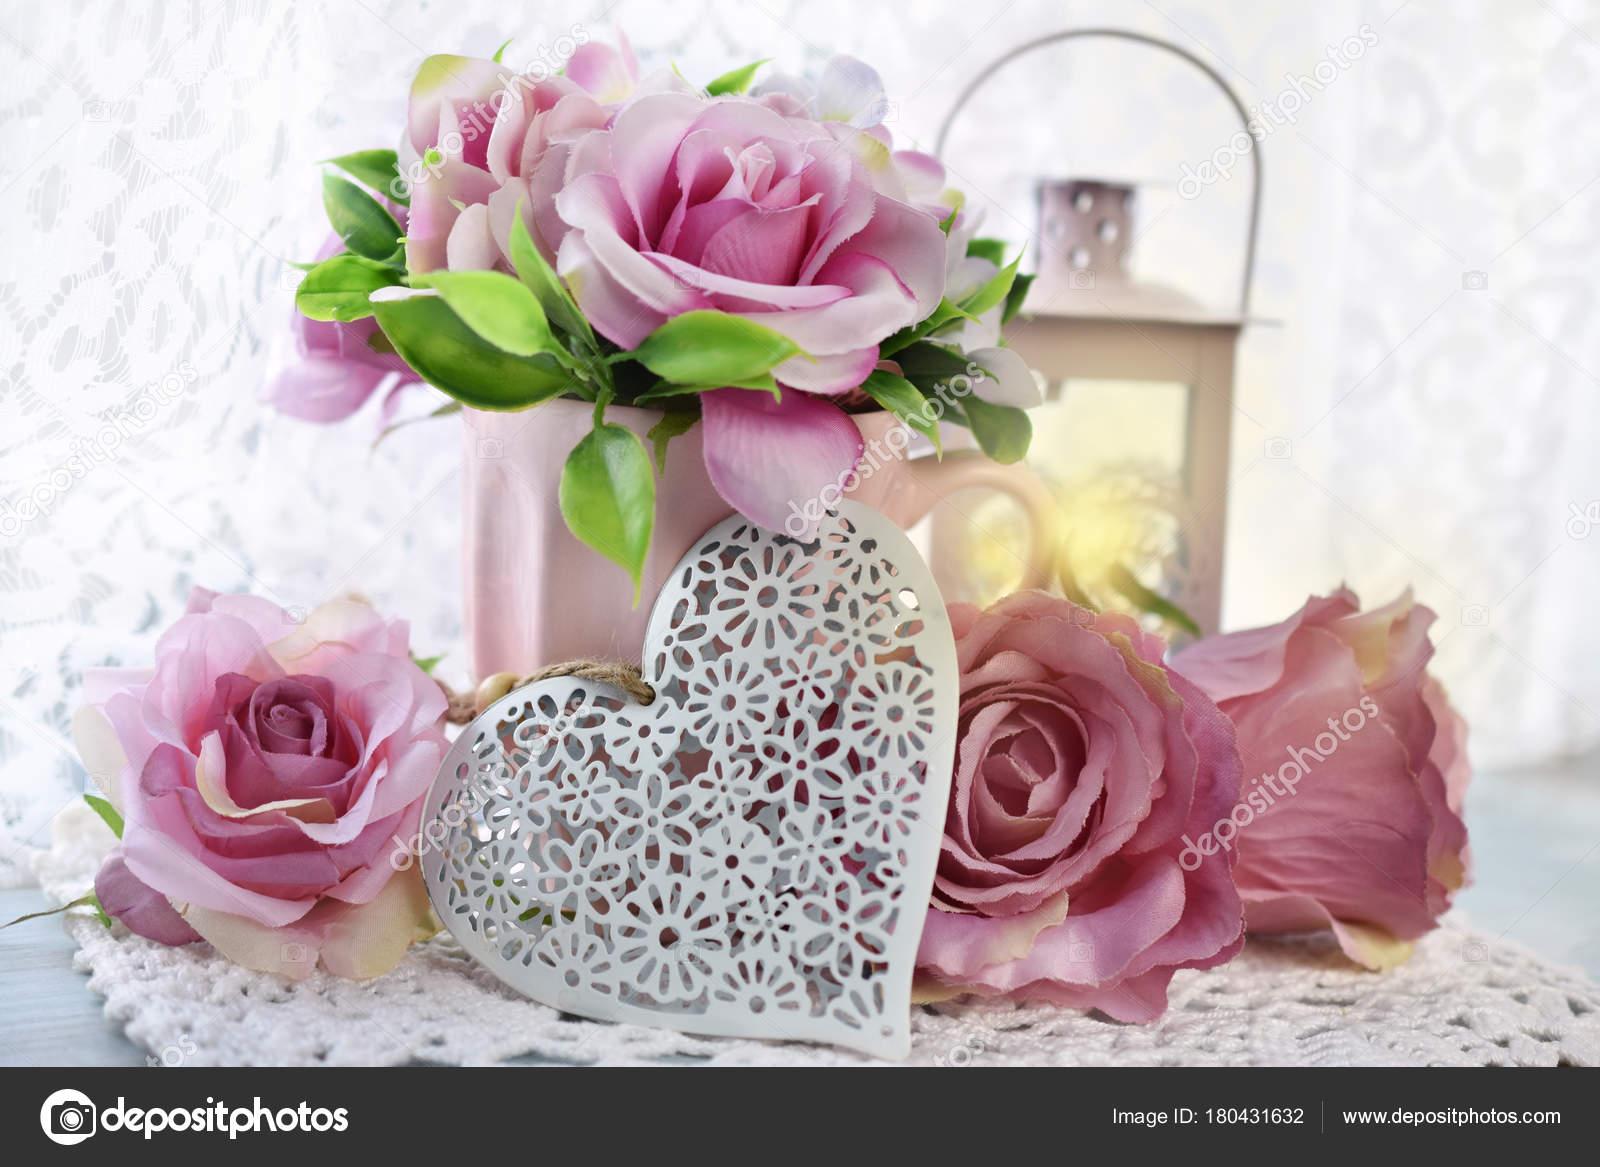 Romantische Dekoration Fur Hochzeit Oder Valentinstag Stockfoto